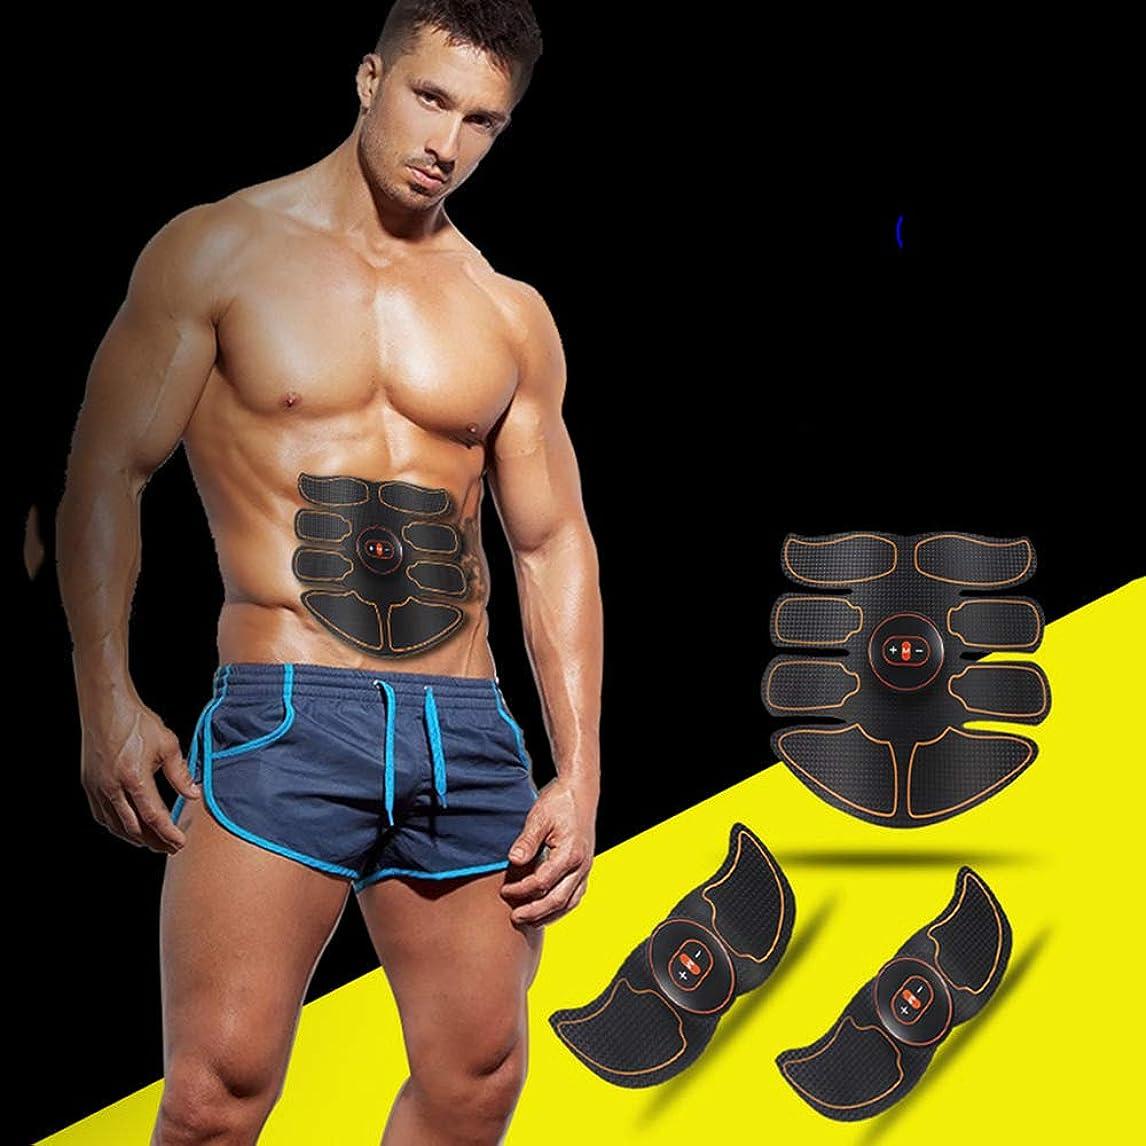 夕方日揮発性USB電気腹筋トレーニング装置EMS筋刺激器腹筋ウエスト減量マッサージャースポーツフィットネス機器ユニセックス,Yellow